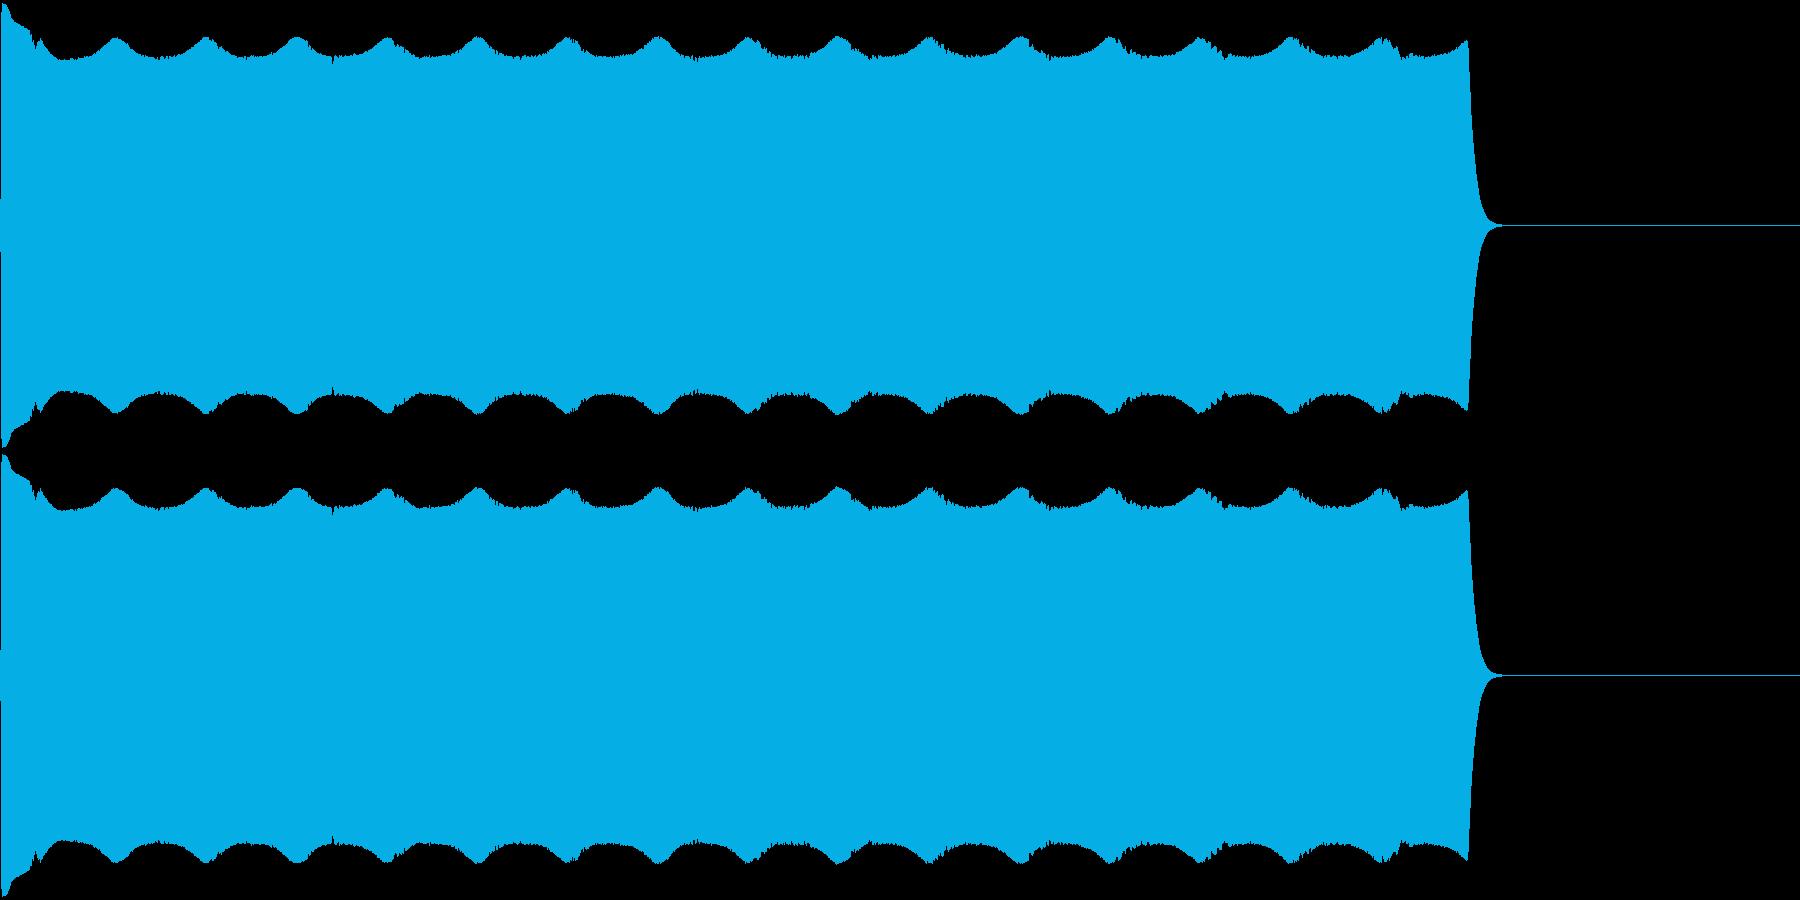 サイレン音01の再生済みの波形